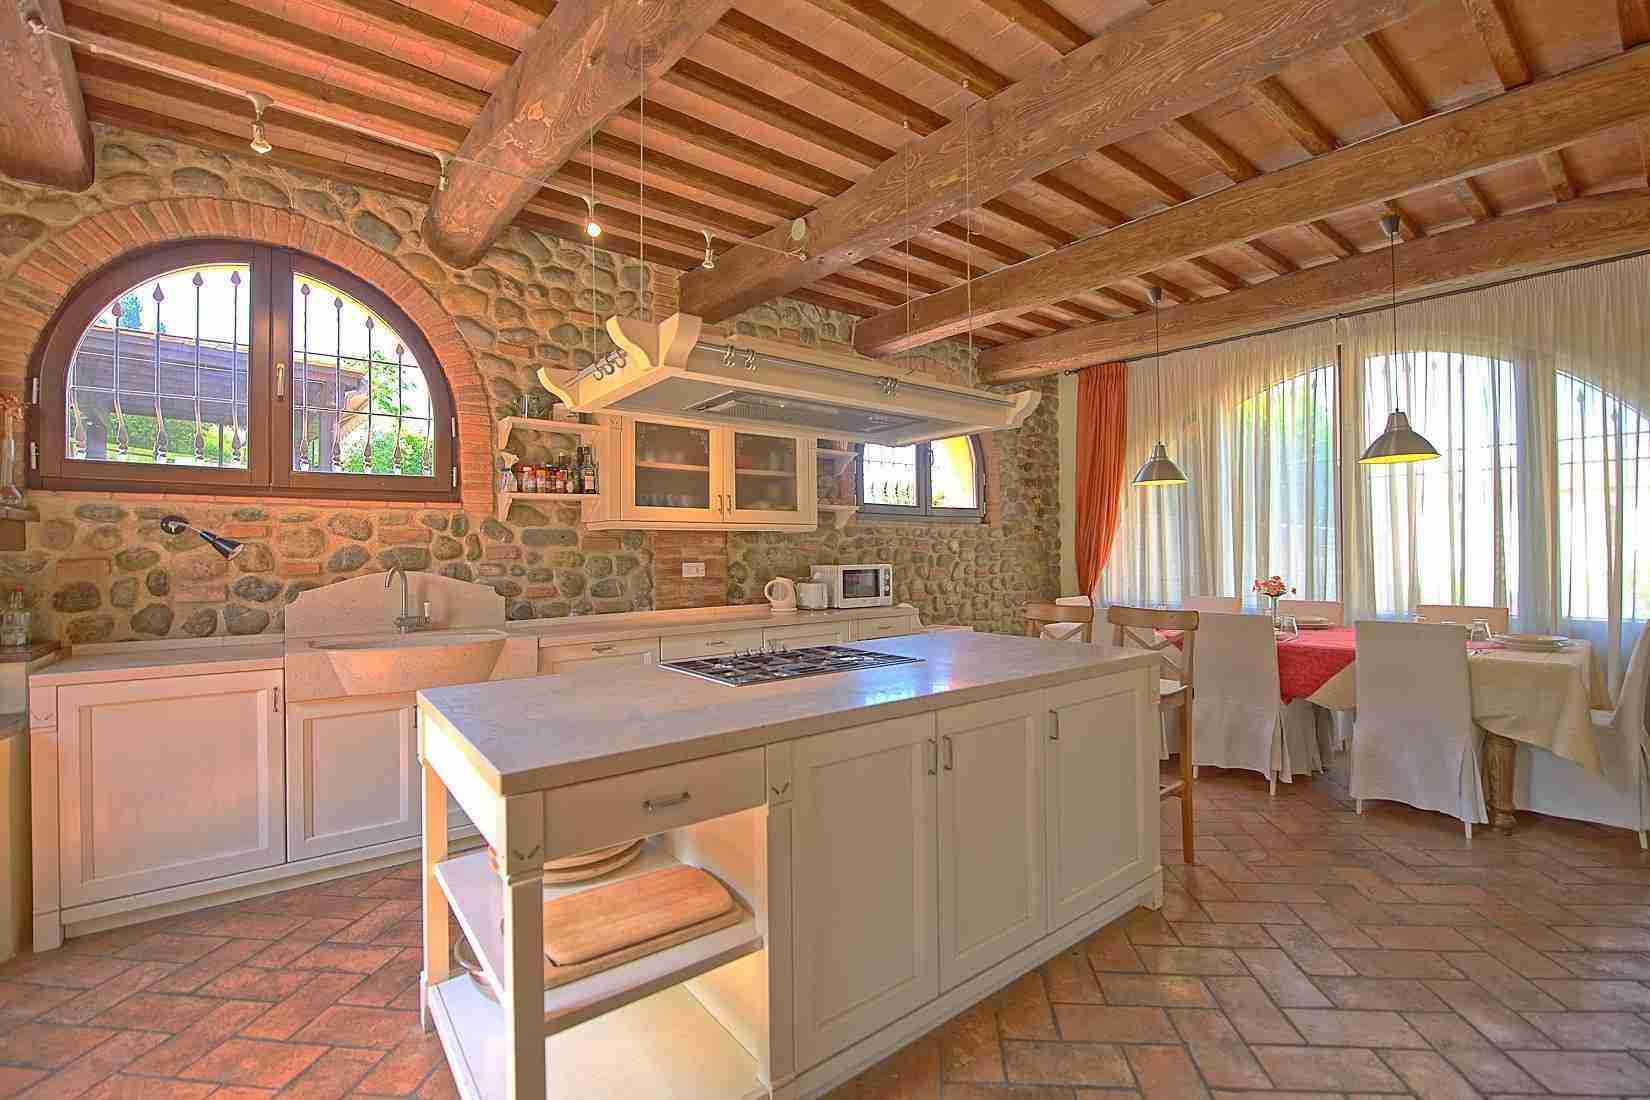 10 Ranieri kitchen